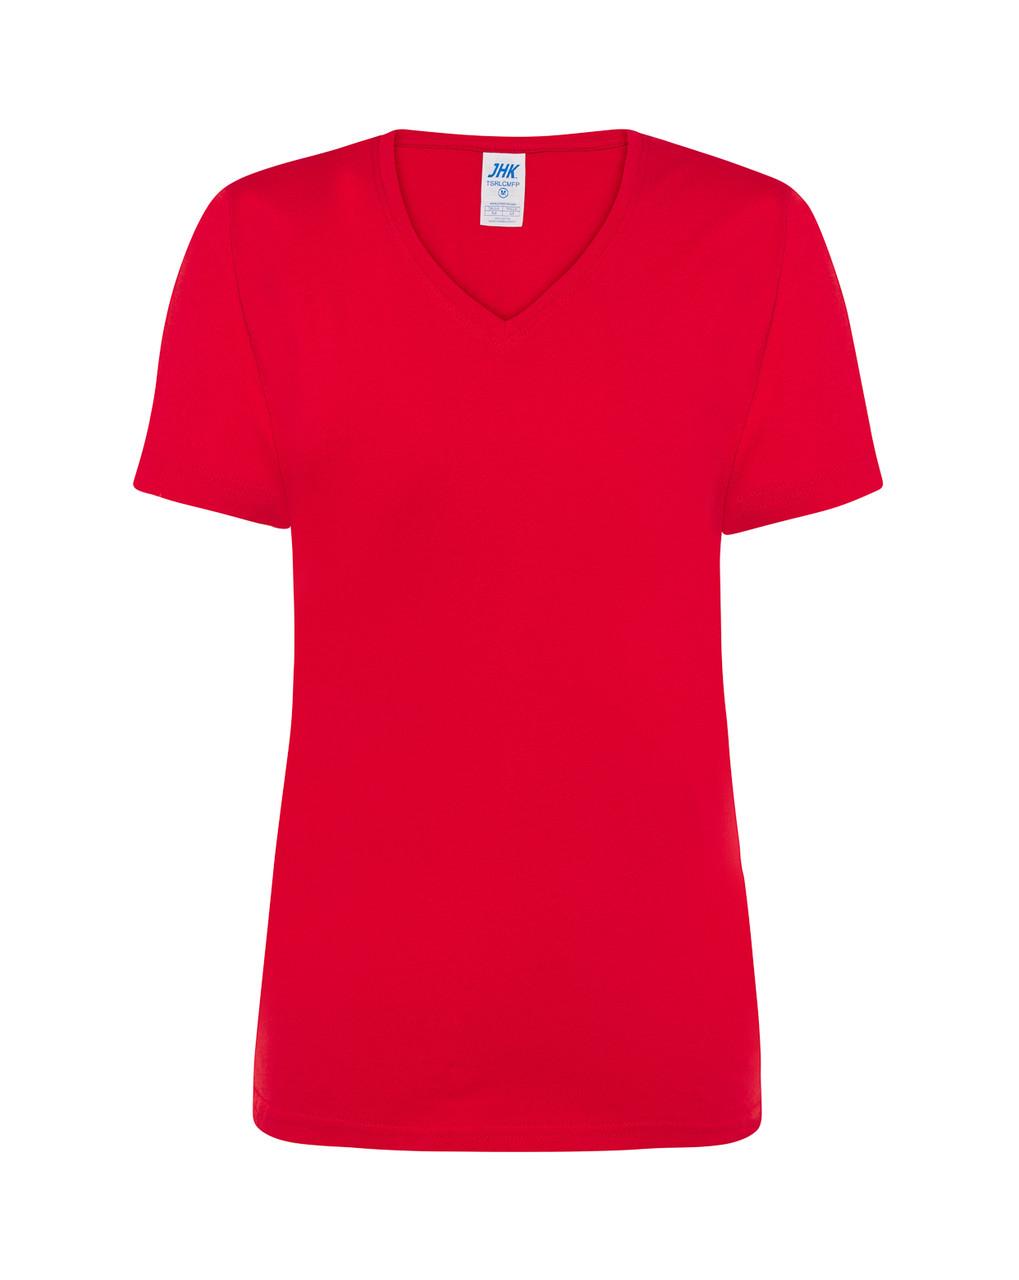 Женская футболка JHK COMFORT V-NECK LADY цвет красный (RD)